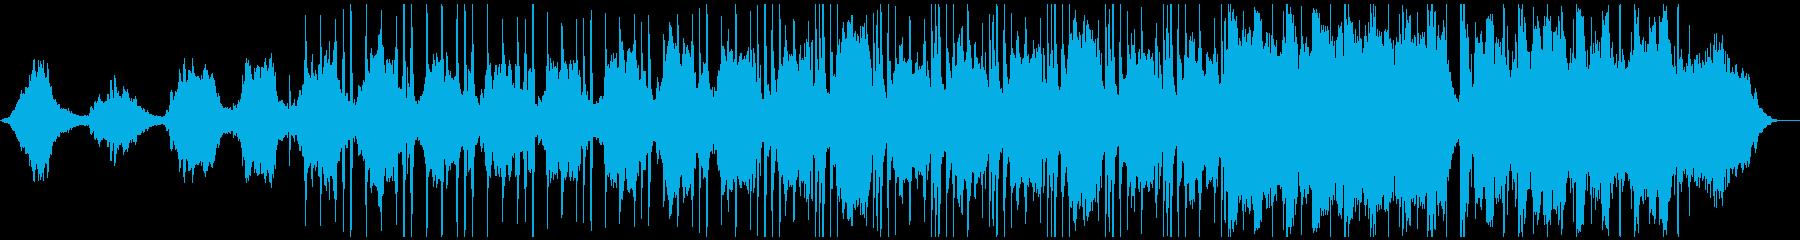 モダン 実験的 ほのぼの 幸せ ゆ...の再生済みの波形